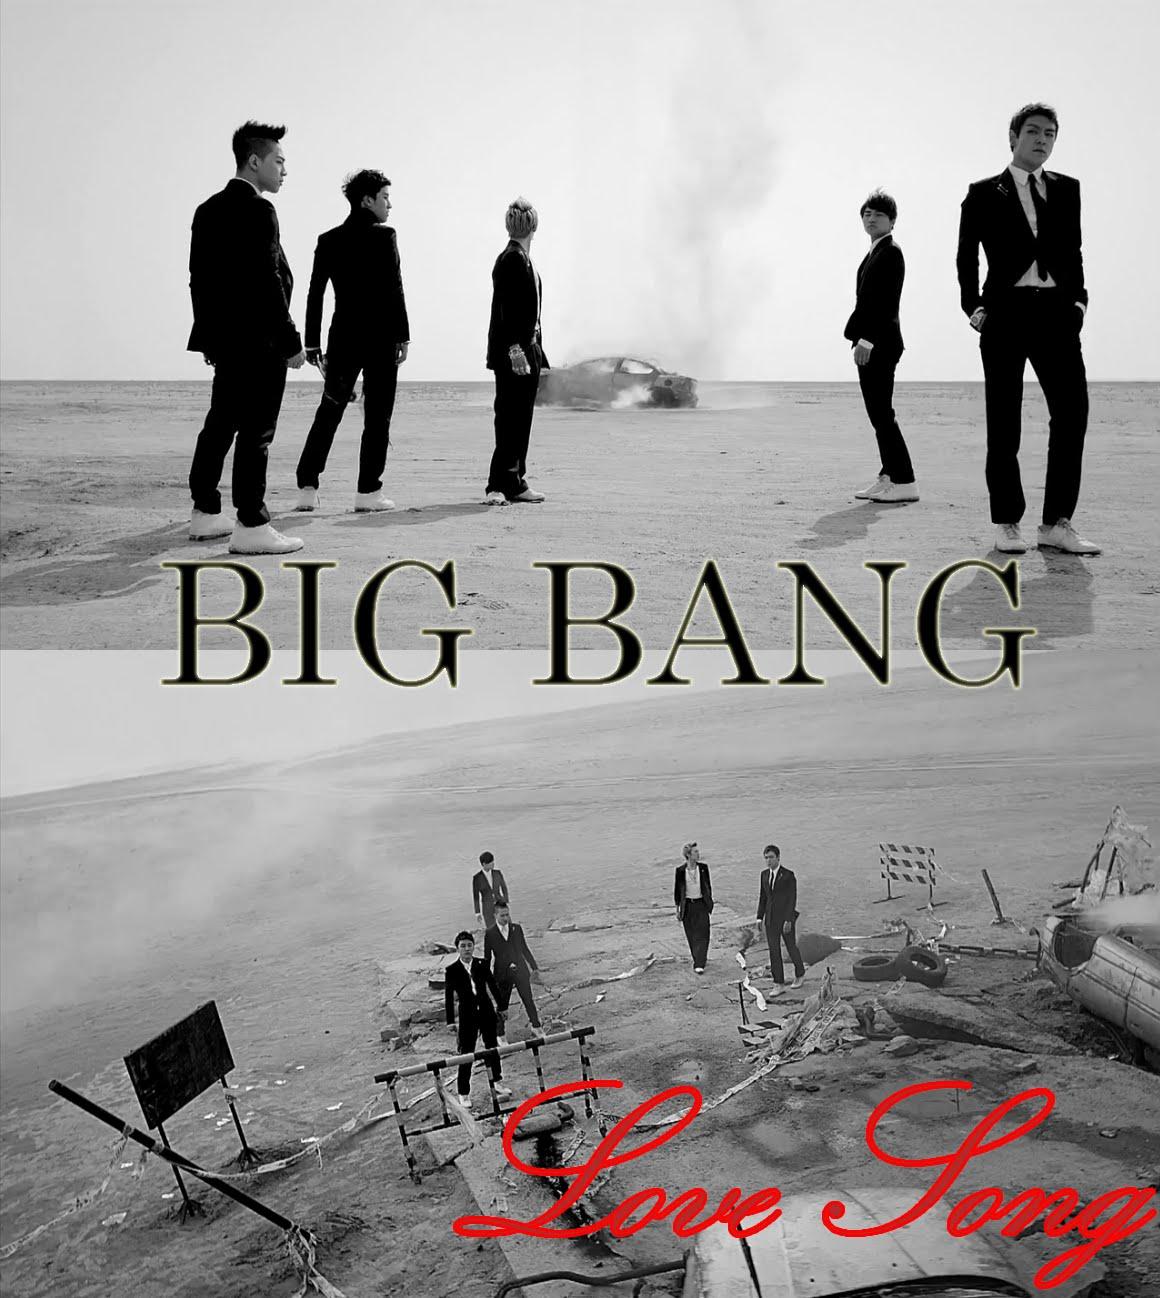 The Big Bang (song)